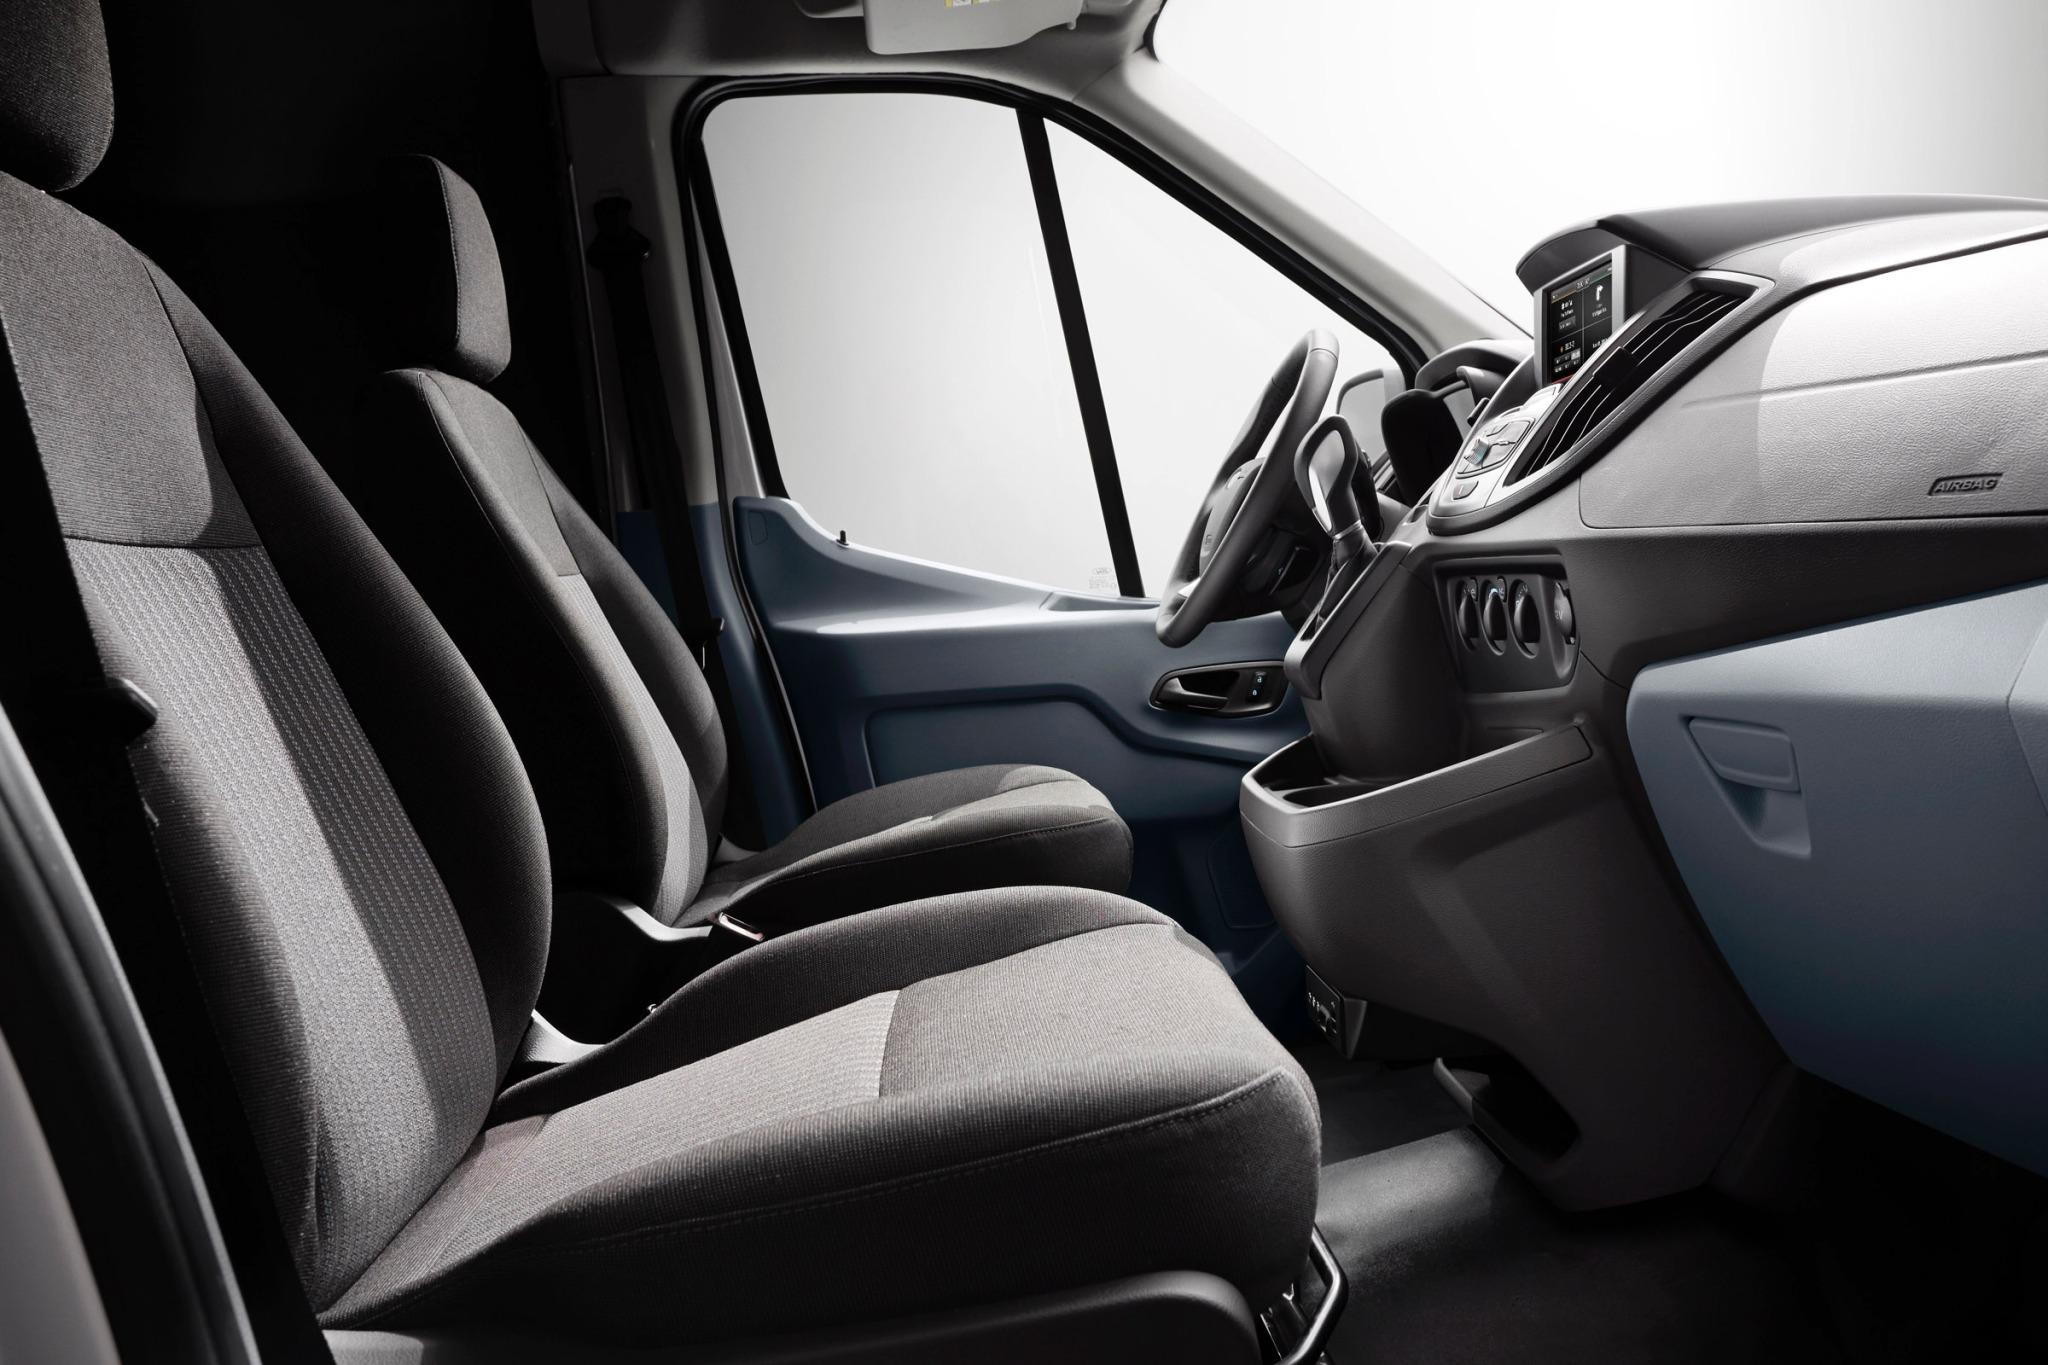 2015 ford transit van 350 interior 9